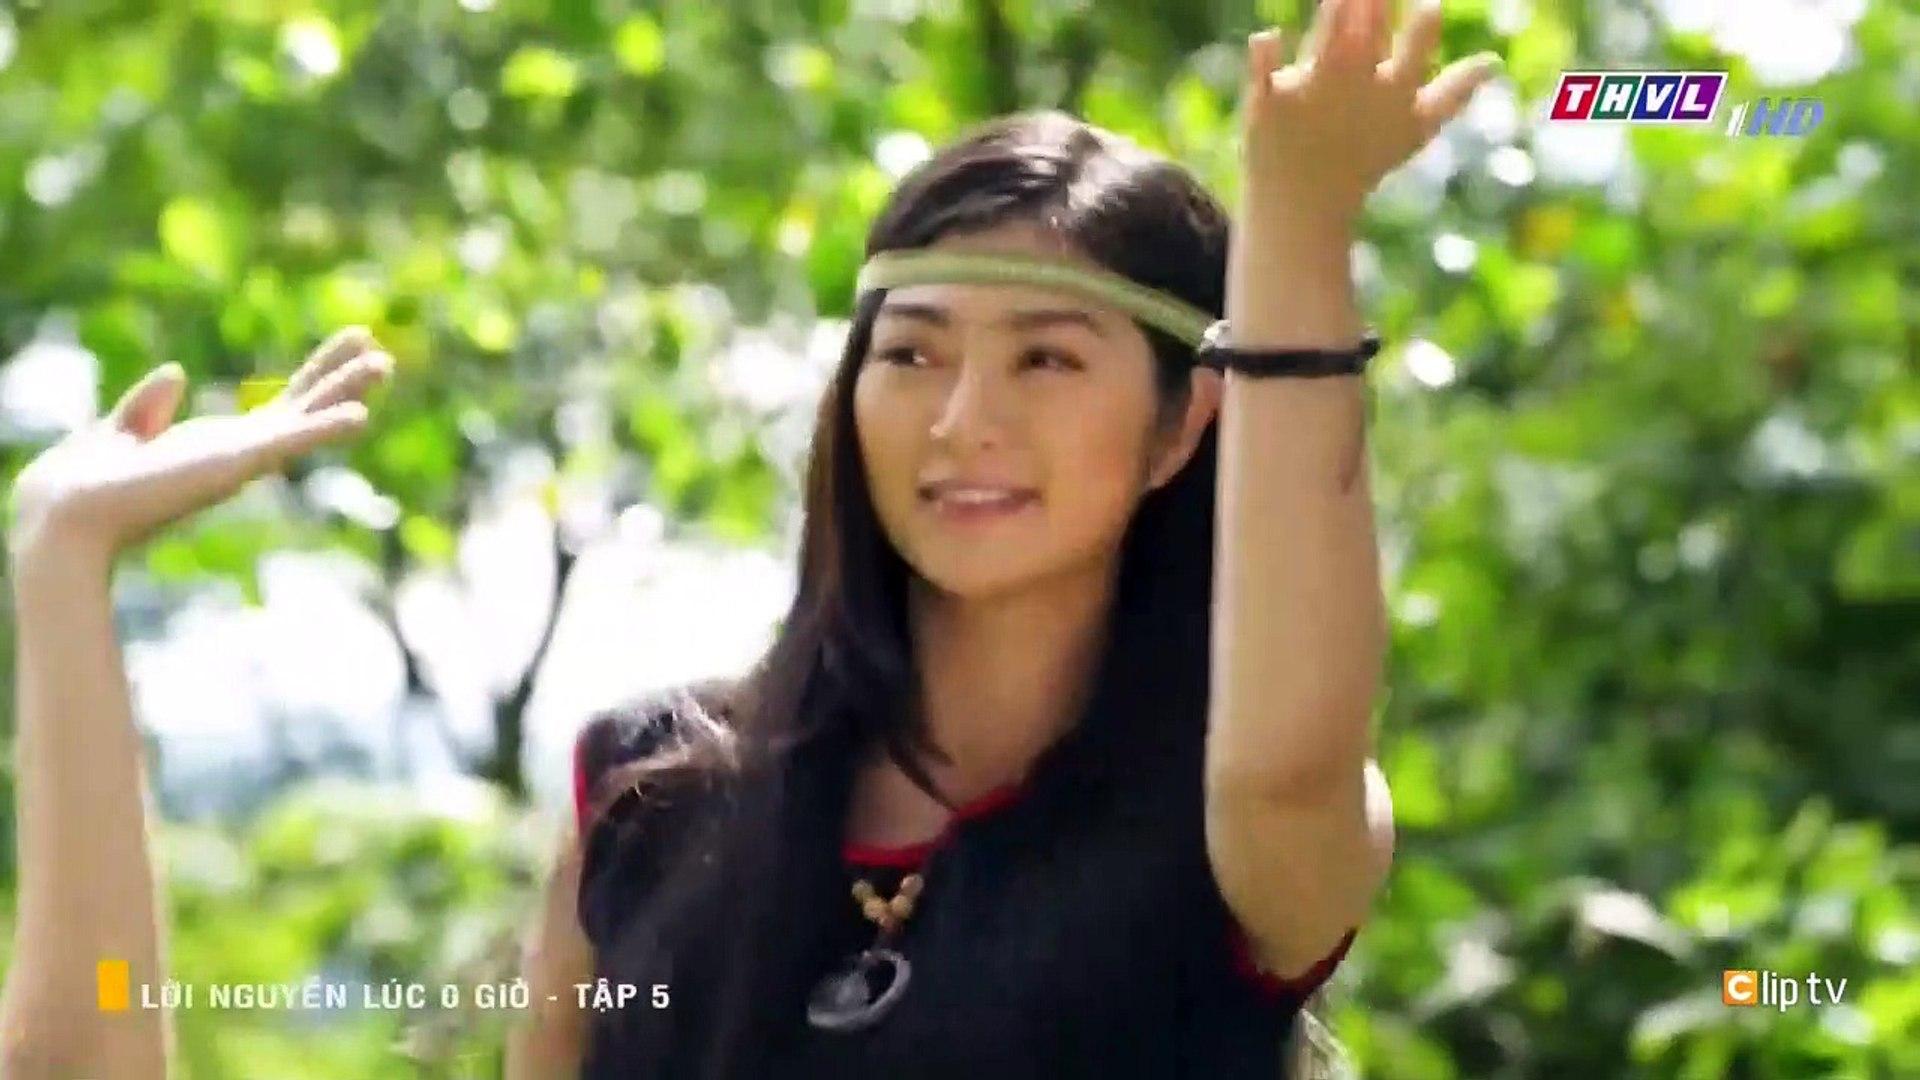 Lời Nguyền Lúc 0 Giờ Tập 5 - Ngày 21-2-2020 - Phim Việt Nam THVL1